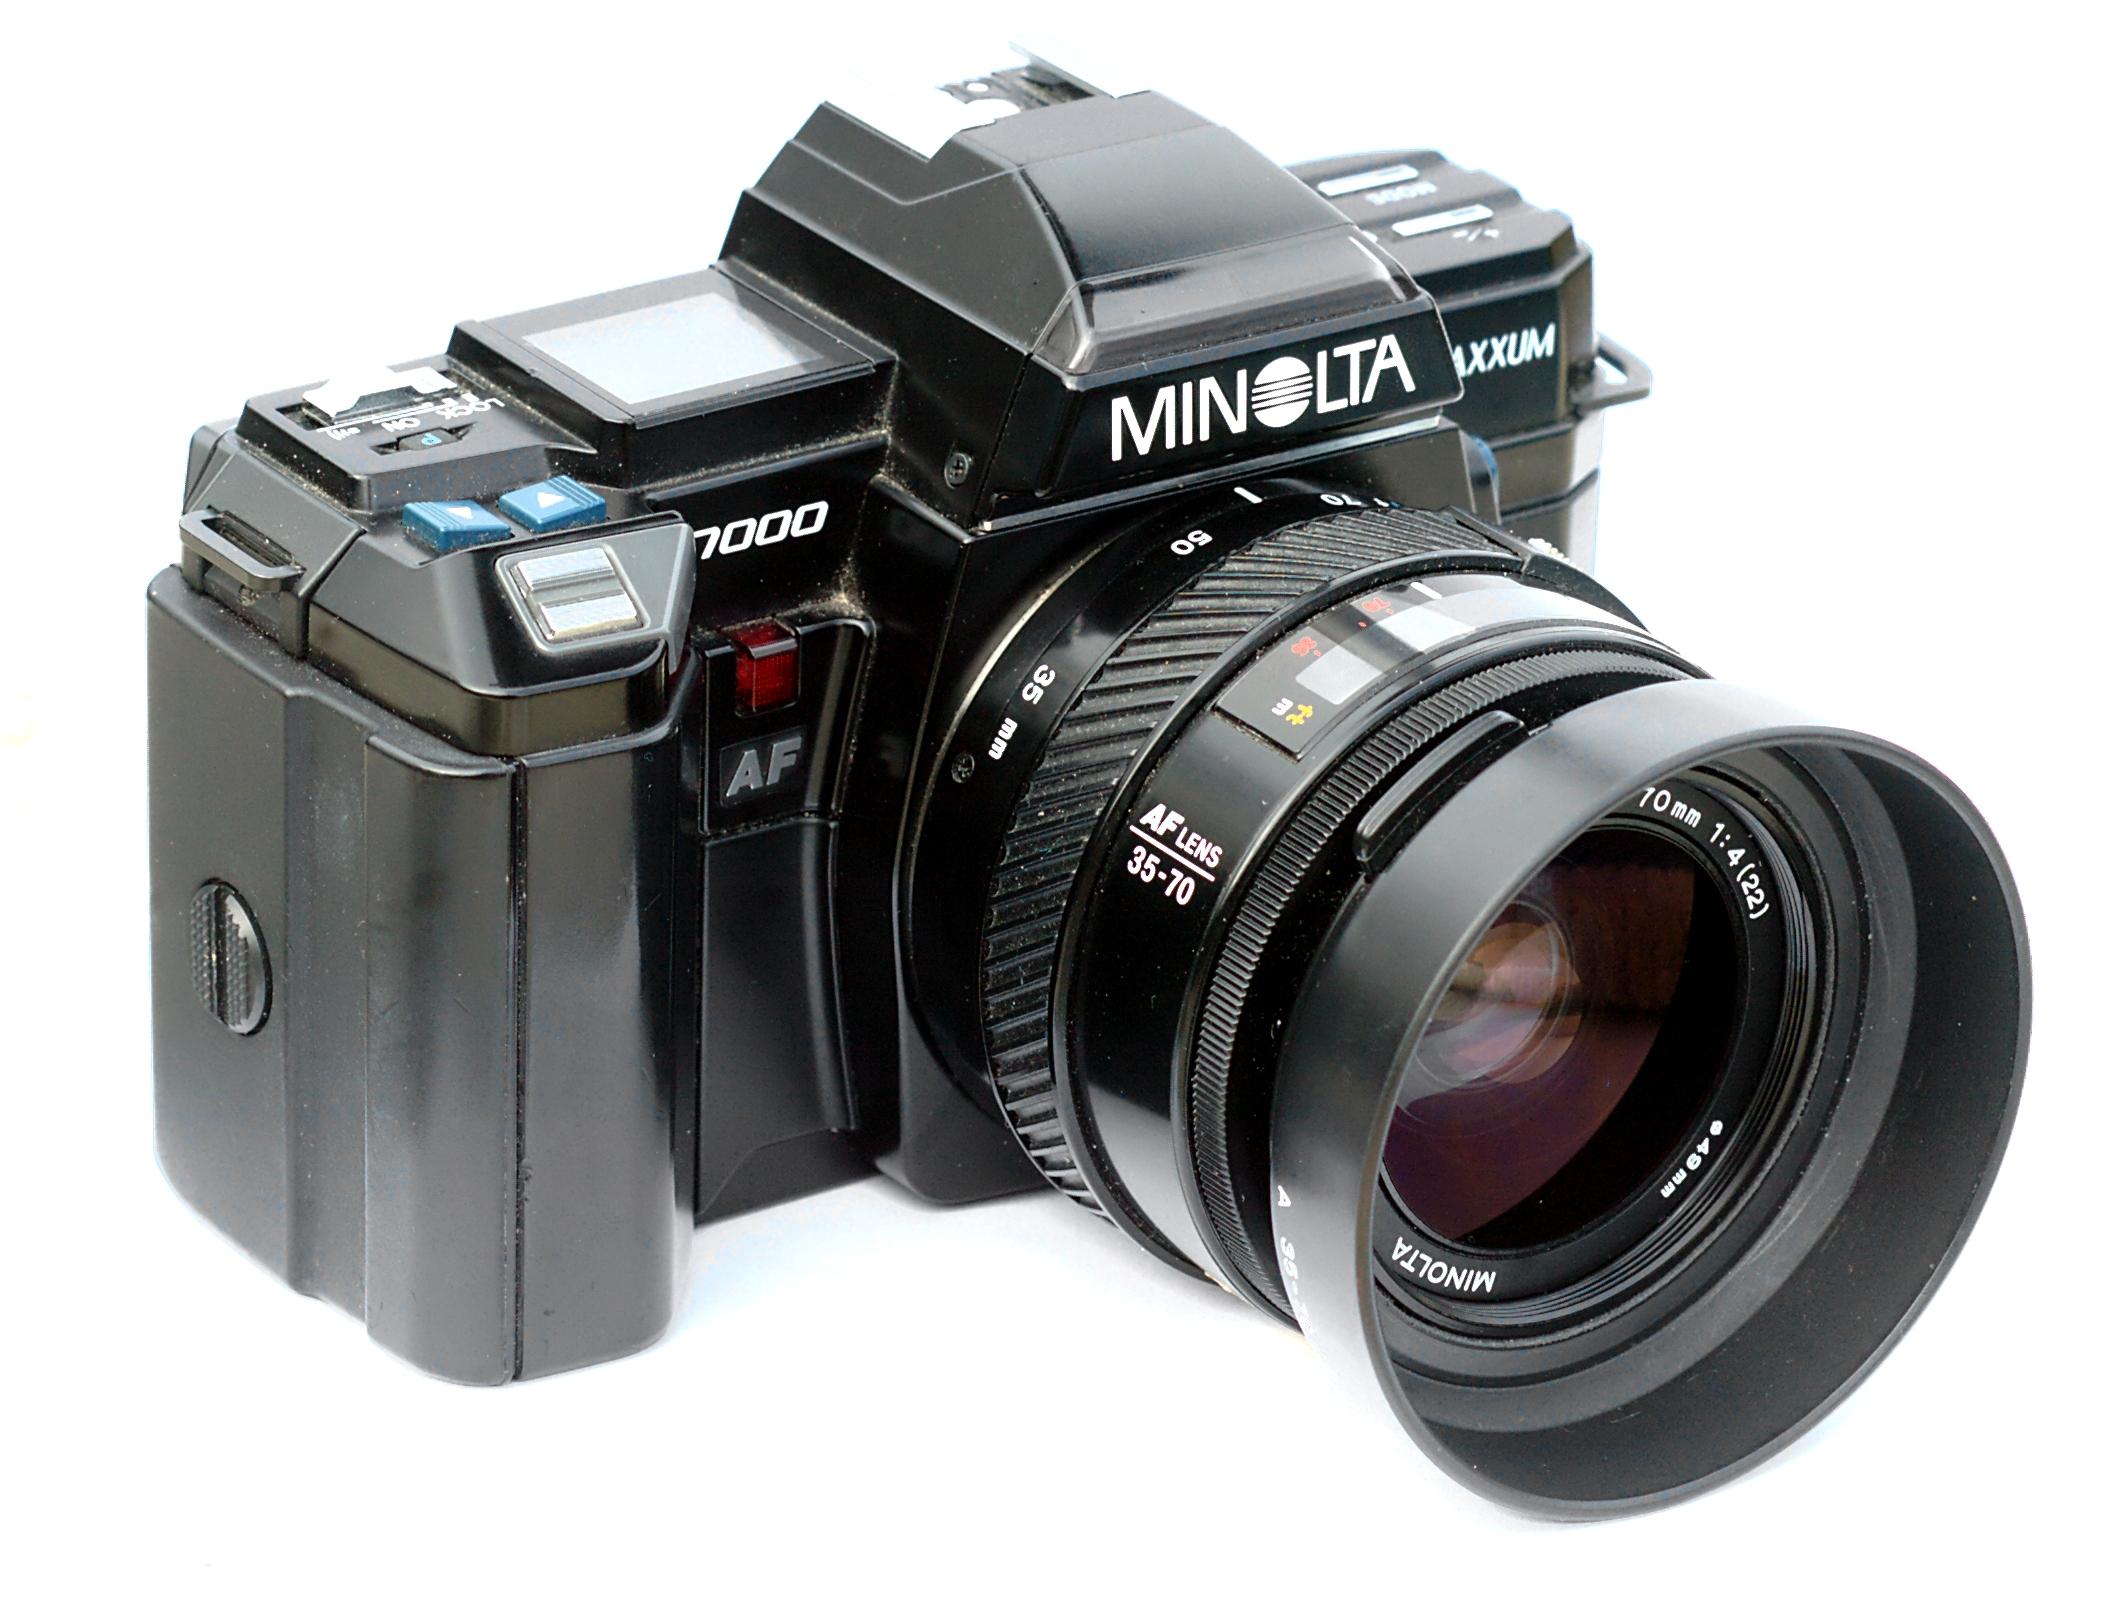 Minolta 7000 Pictures File:minolta Maxxum 7000.jpg